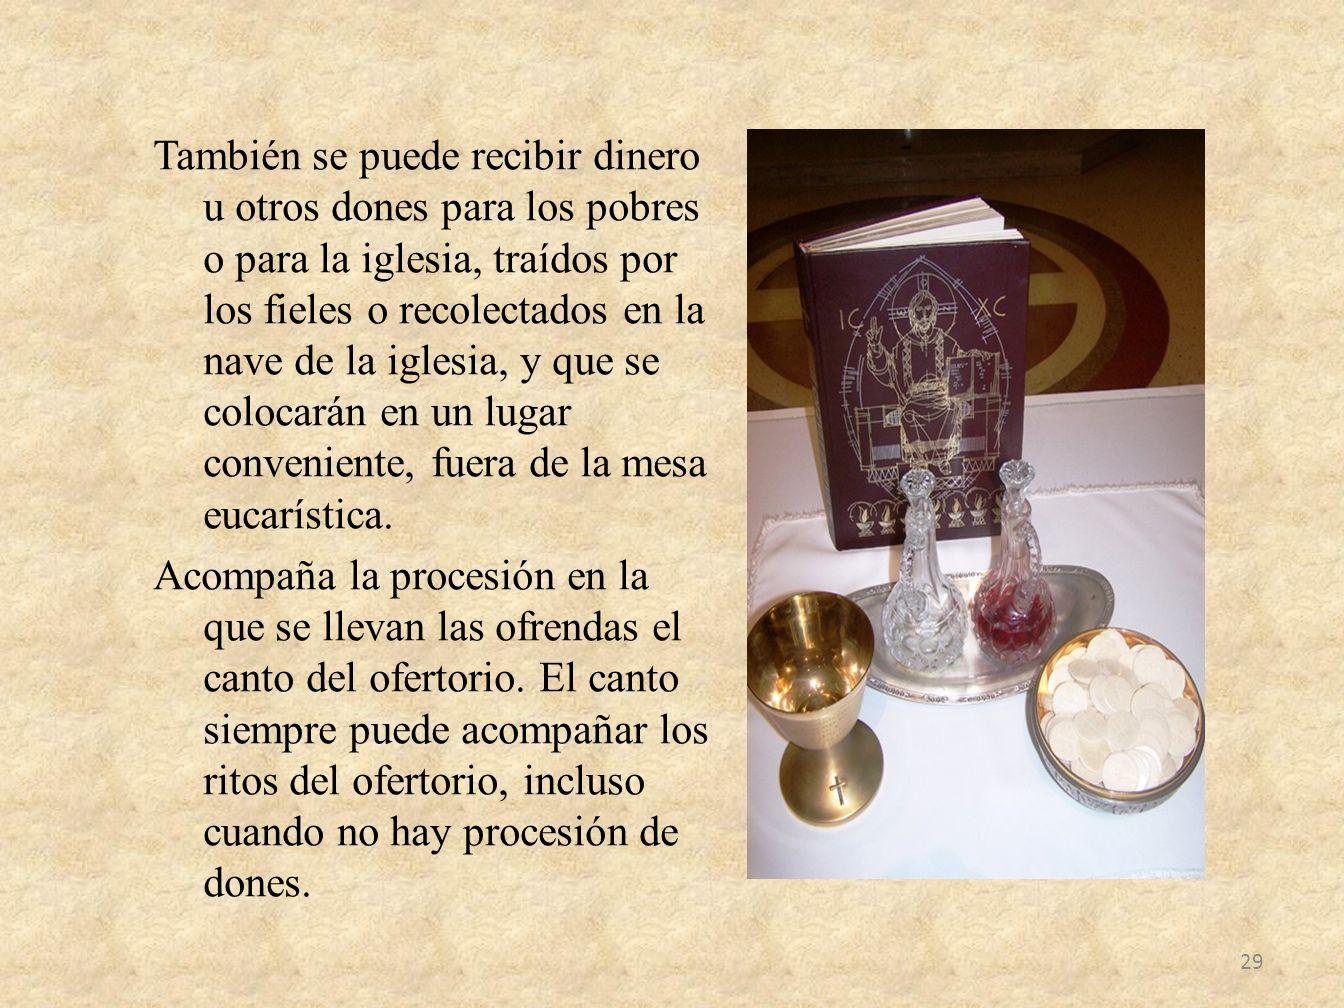 También se puede recibir dinero u otros dones para los pobres o para la iglesia, traídos por los fieles o recolectados en la nave de la iglesia, y que se colocarán en un lugar conveniente, fuera de la mesa eucarística.